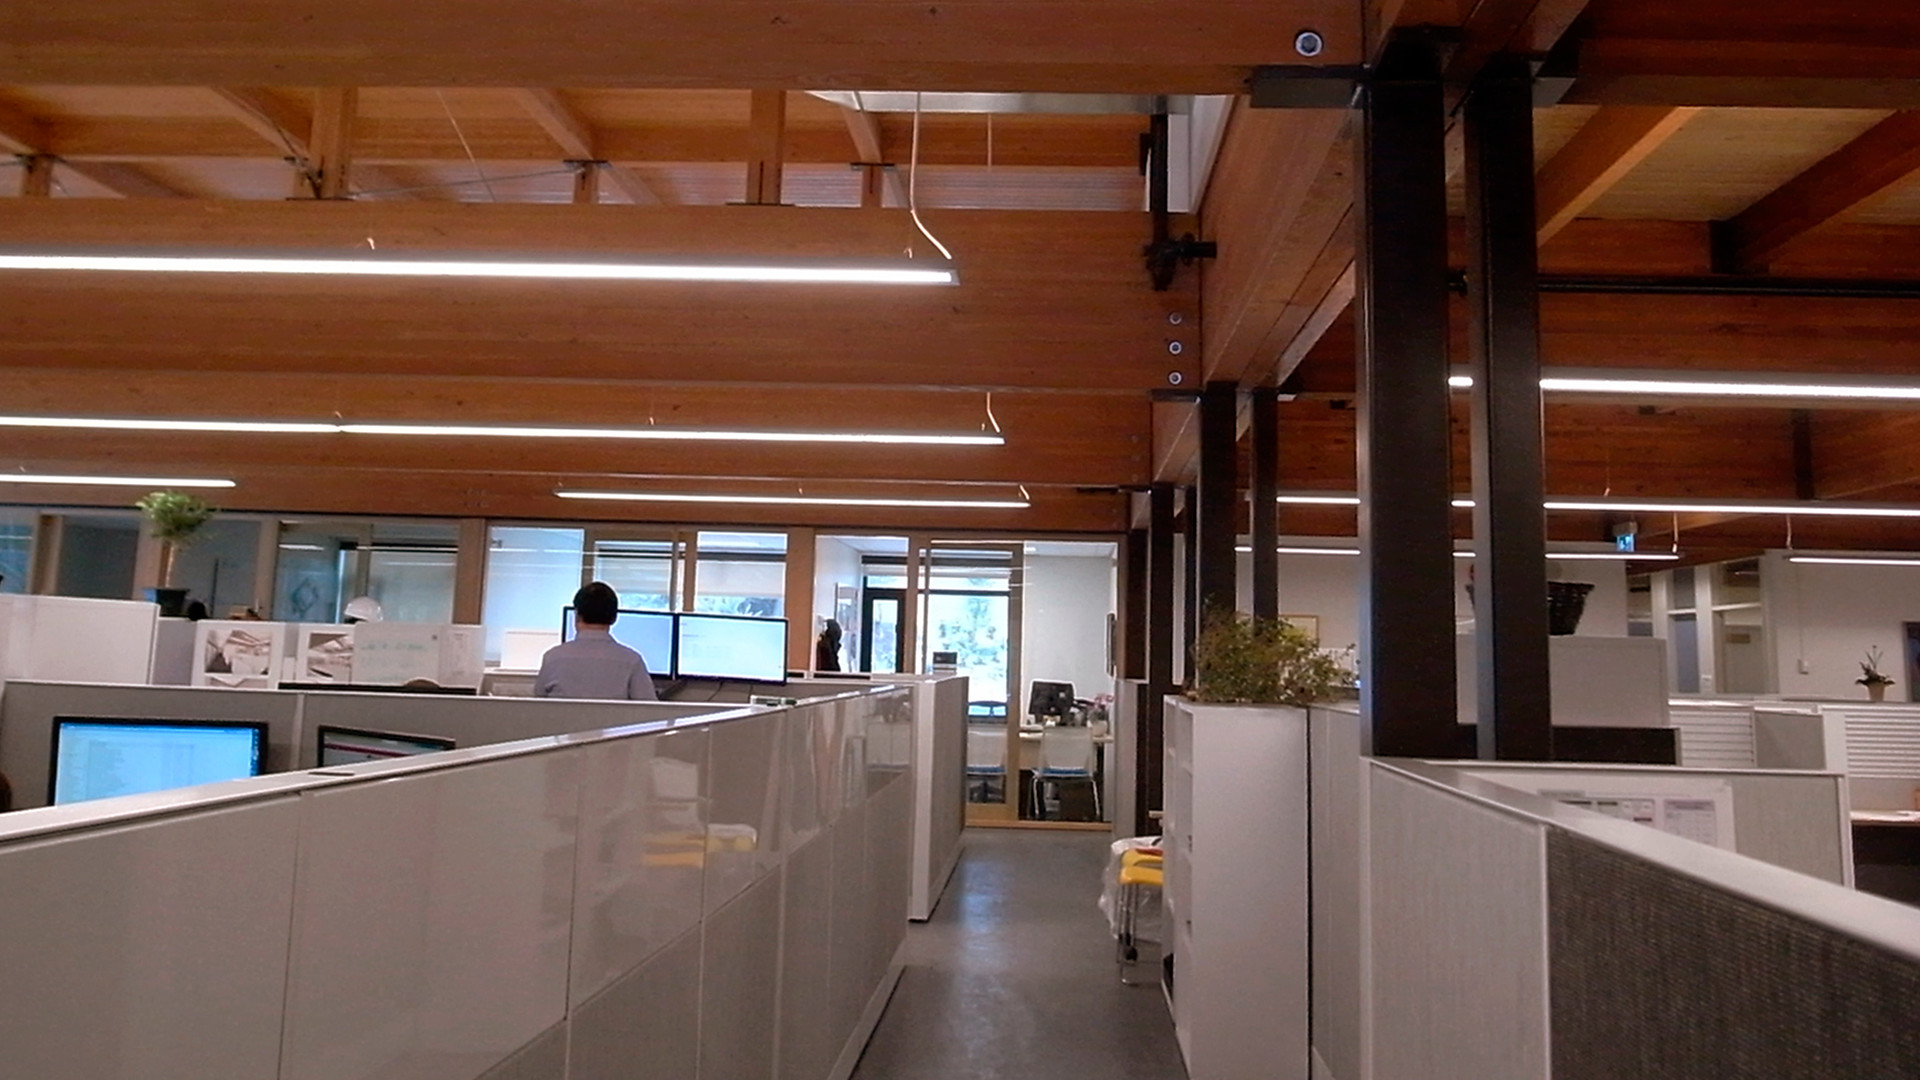 SFU Facility Extension Interior